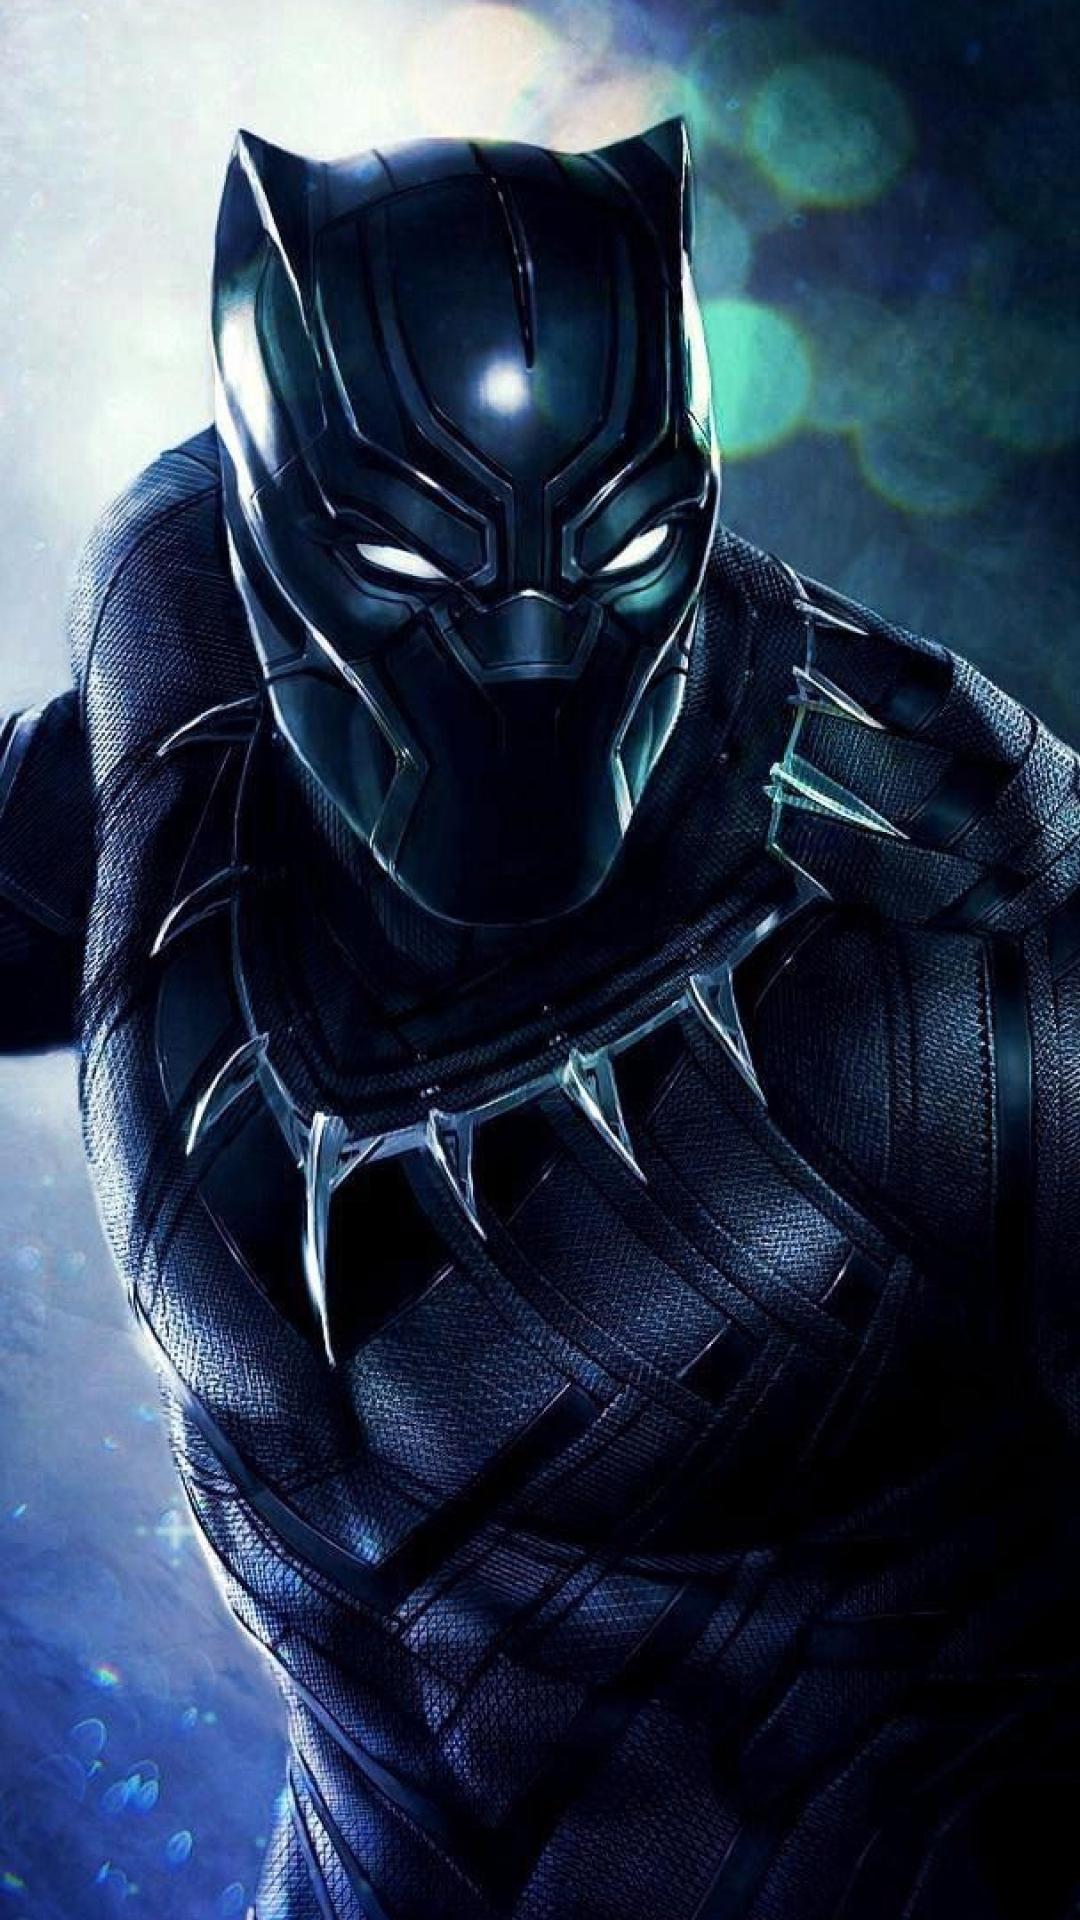 Superhero Black Panther, HD 8K Wallpaper